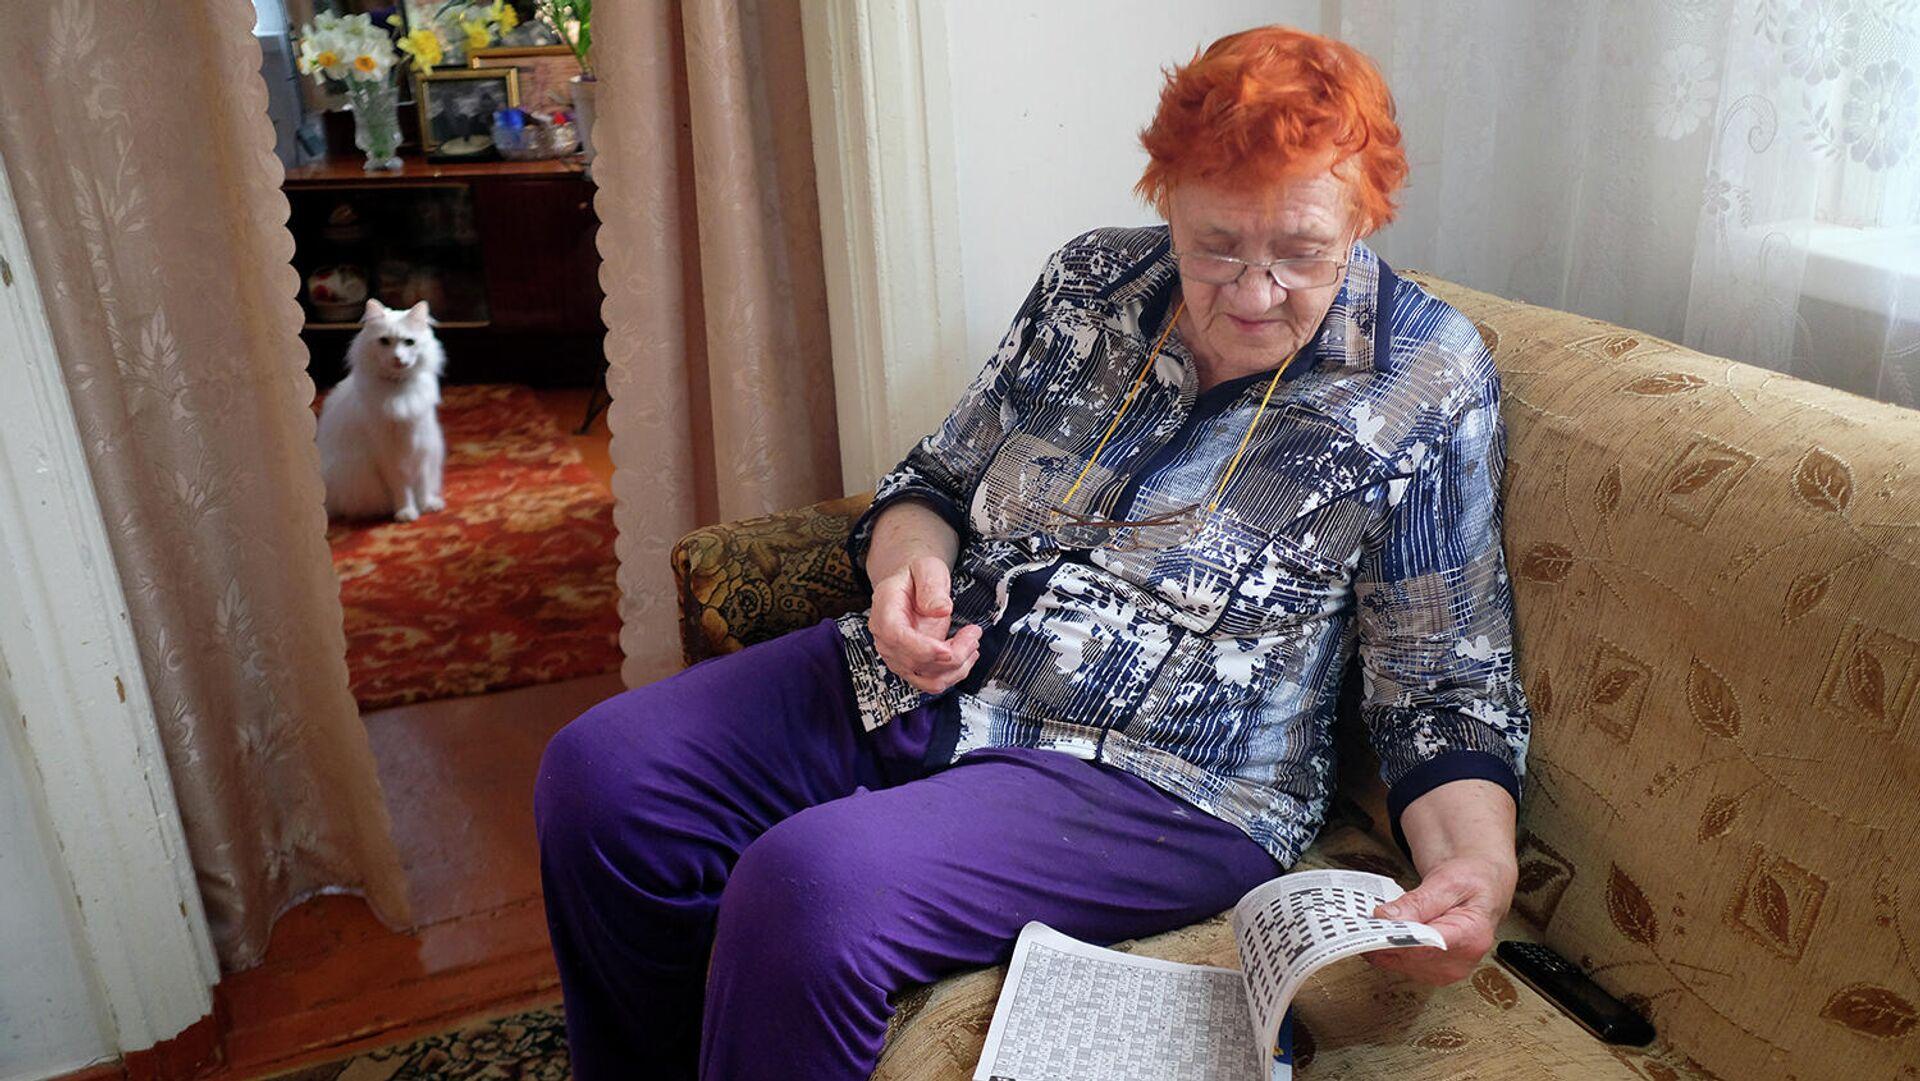 Пожилая женщина у себя дома во время самоизоляции в связи с эпидемией коронавируса - РИА Новости, 1920, 21.10.2020